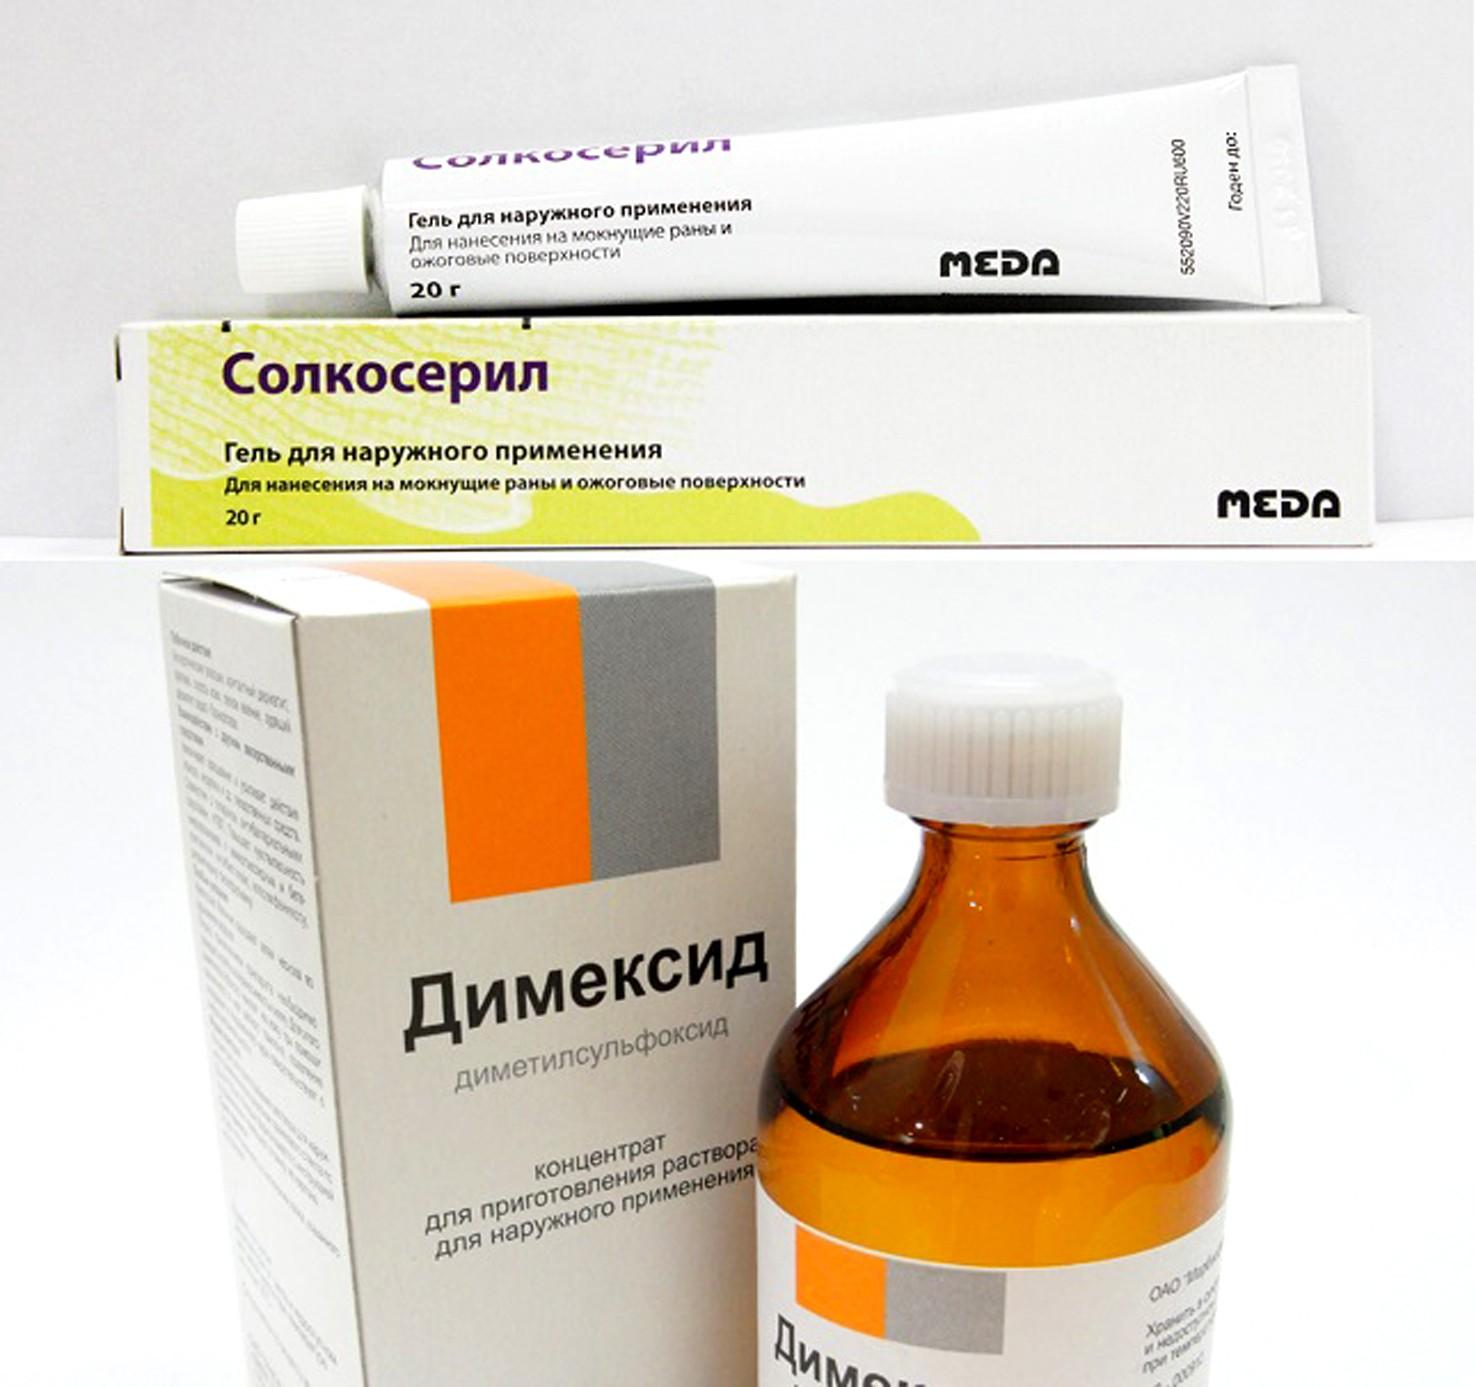 Диметилсульфоксид — средство против рака и не только